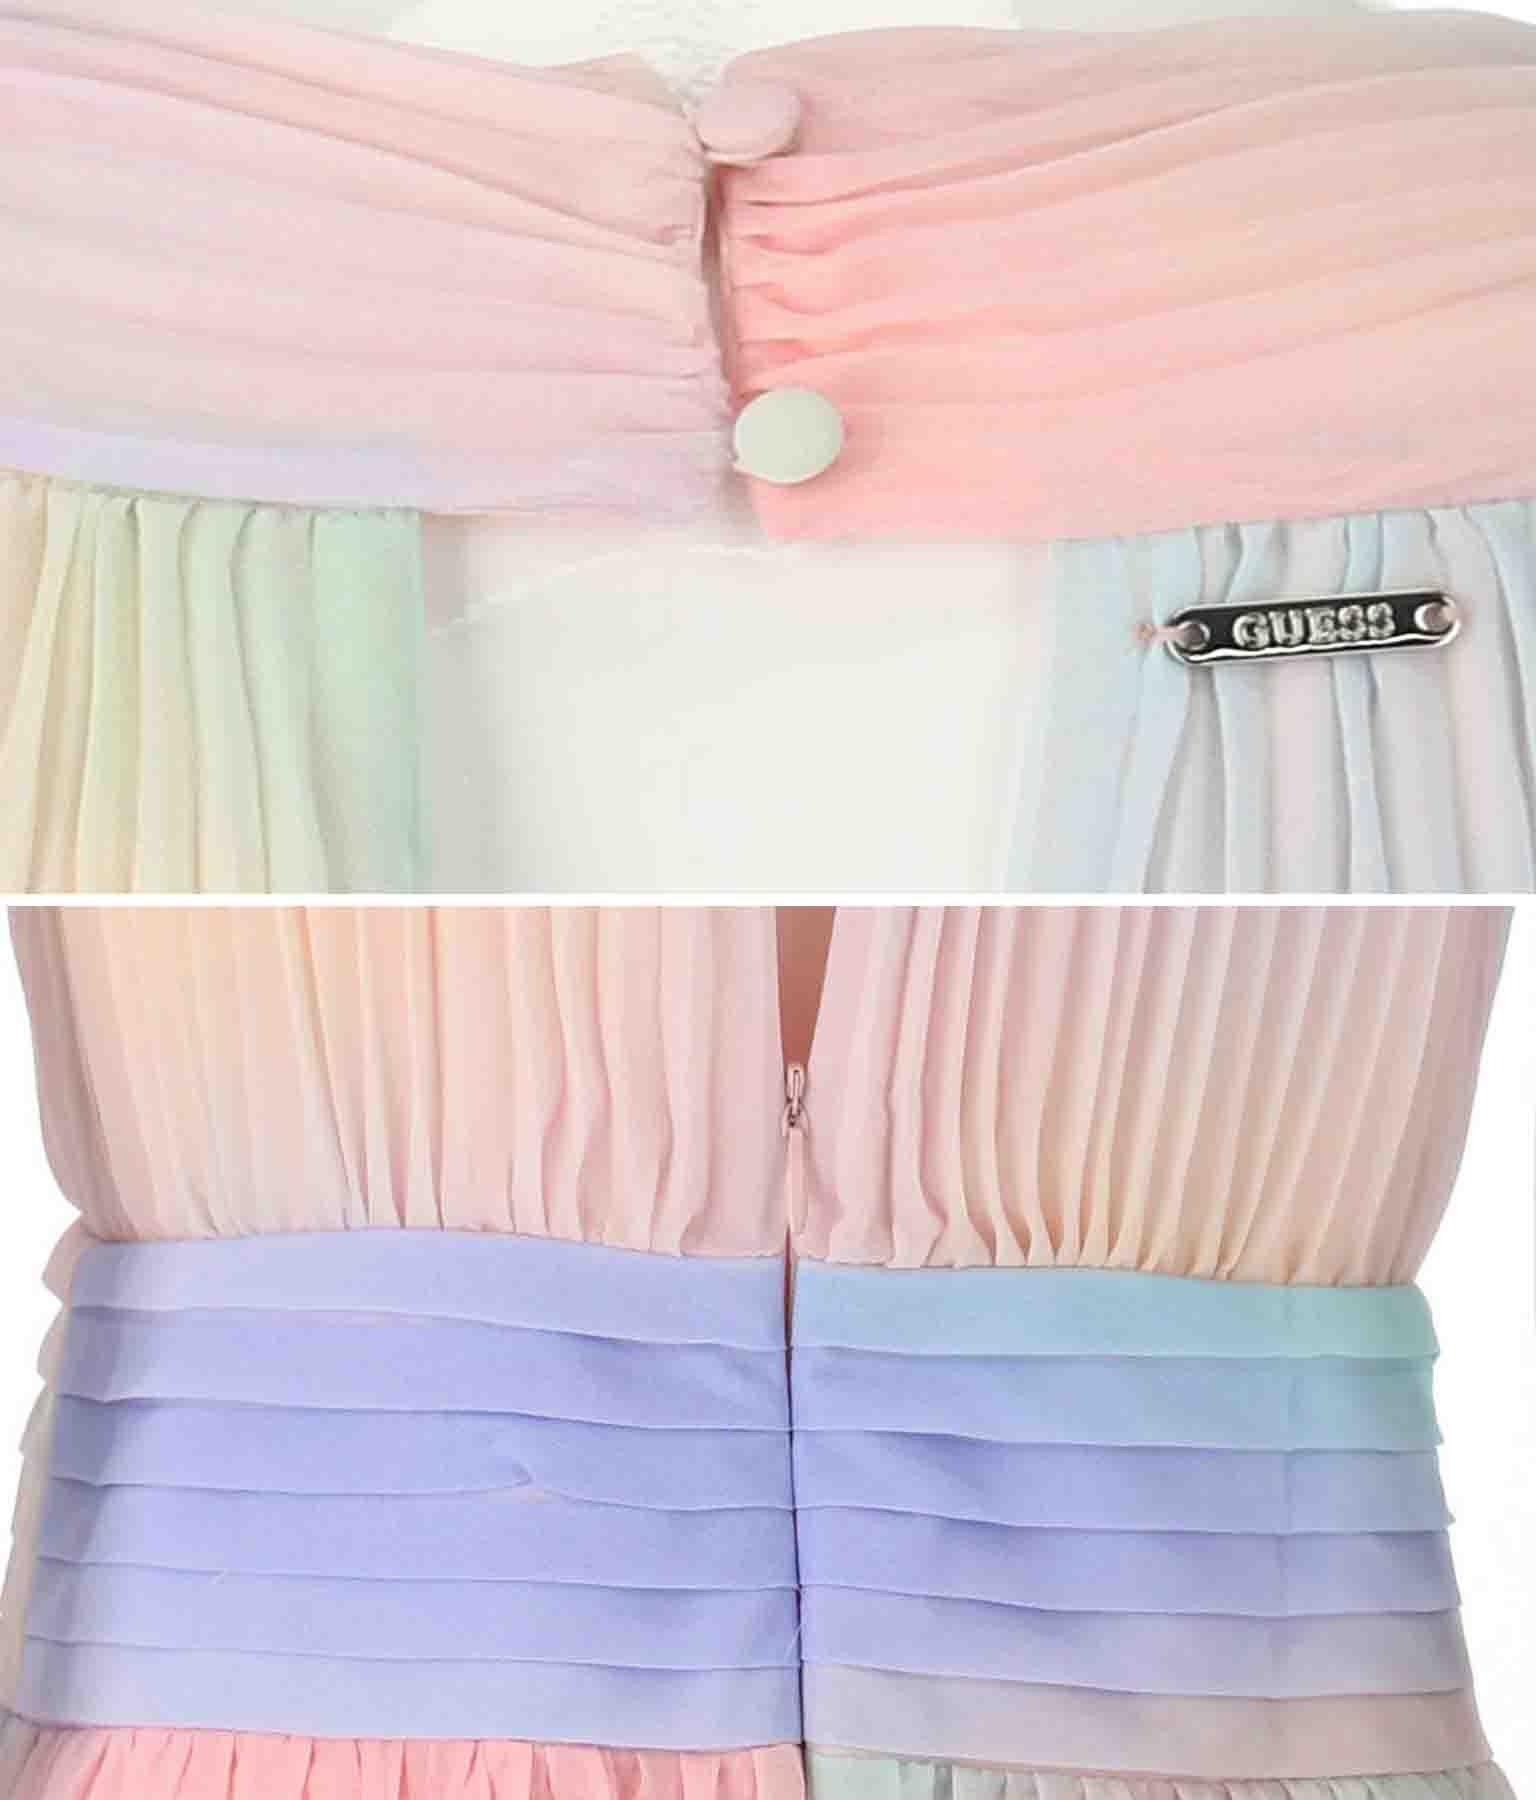 HIND DRESS(ワンピース・ドレス/ドレス・ロングワンピ・マキシ丈ワンピース・パーティードレス) | GUESS